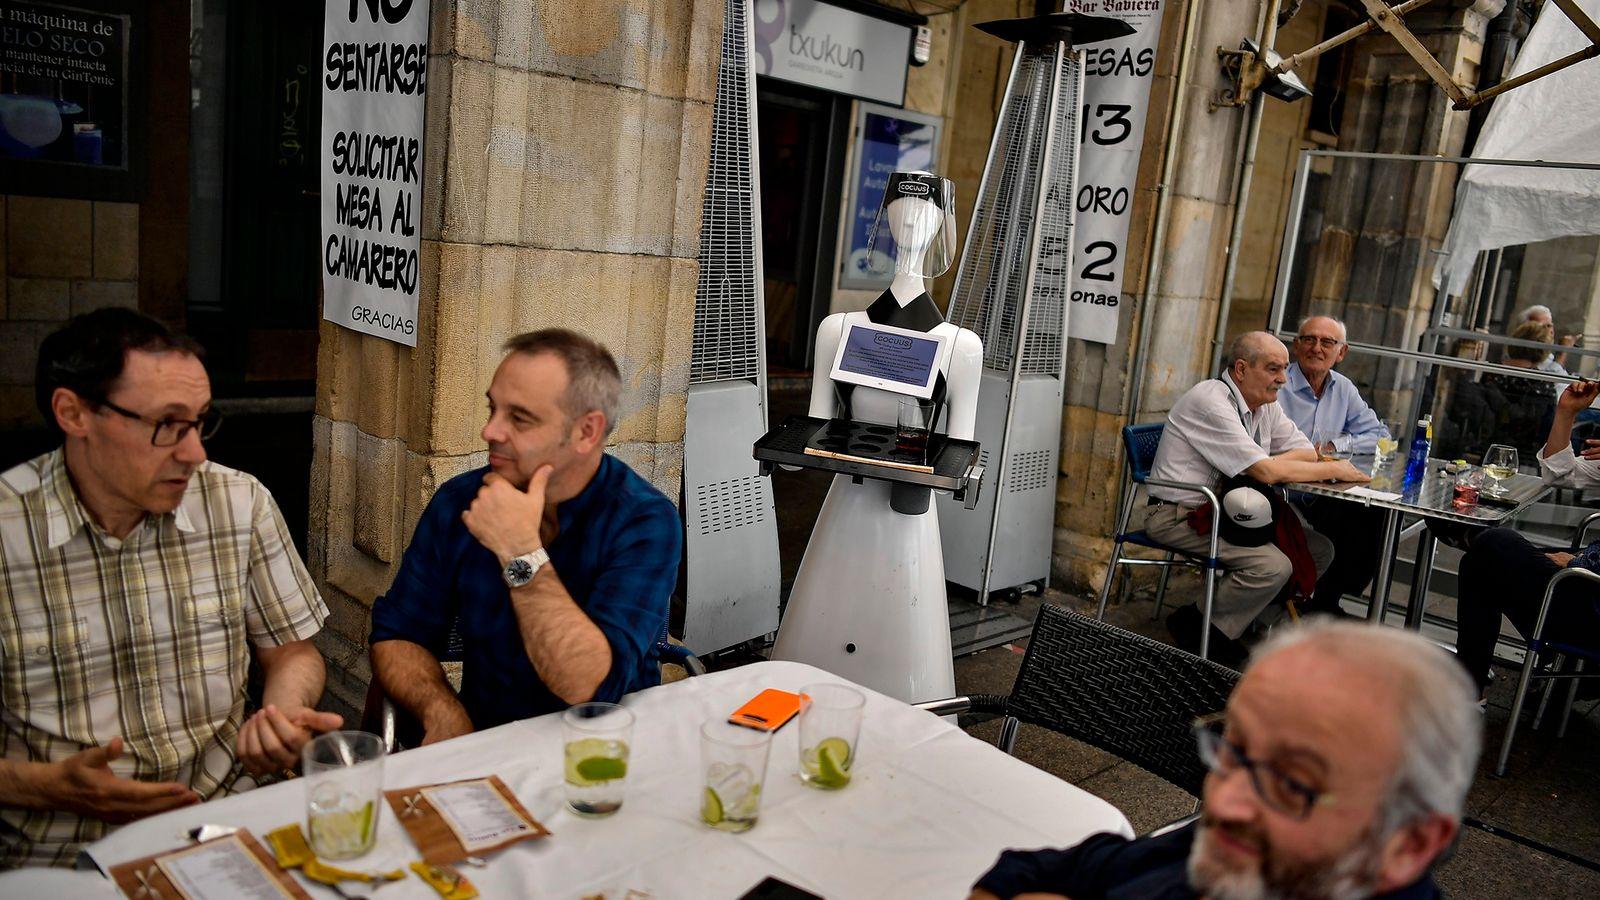 Usando uma viseira para mostrar espírito de equipa devido à COVID, um robô de 1,5 metros ...